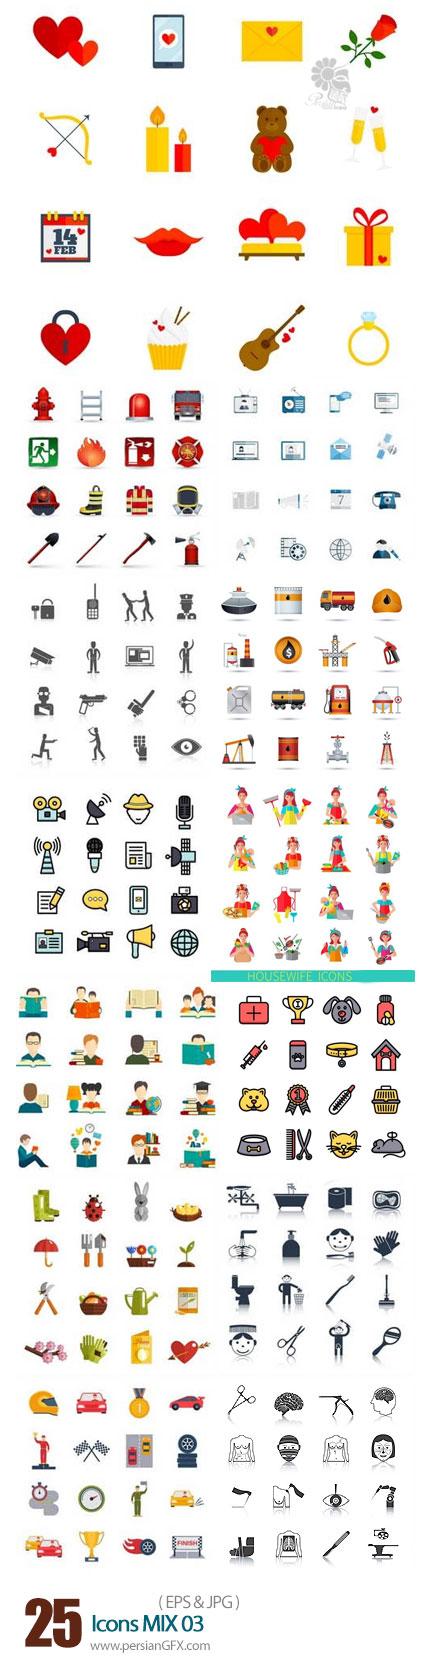 دانلود مجموعه تصاویر وکتور آیکون های متنوع - Icons MIX 03